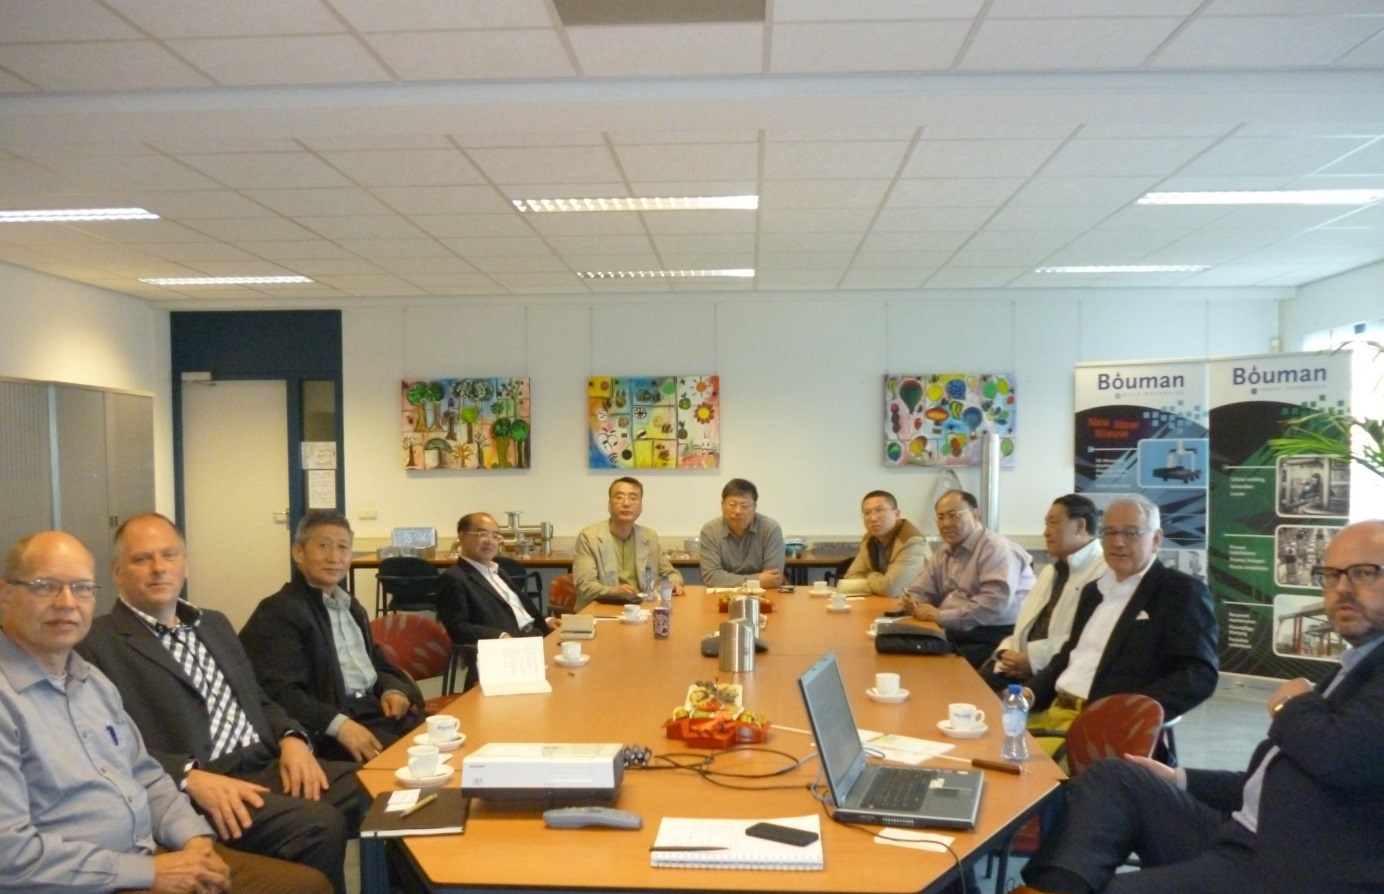 Delegatie uit Beijing bezoekt Bouman